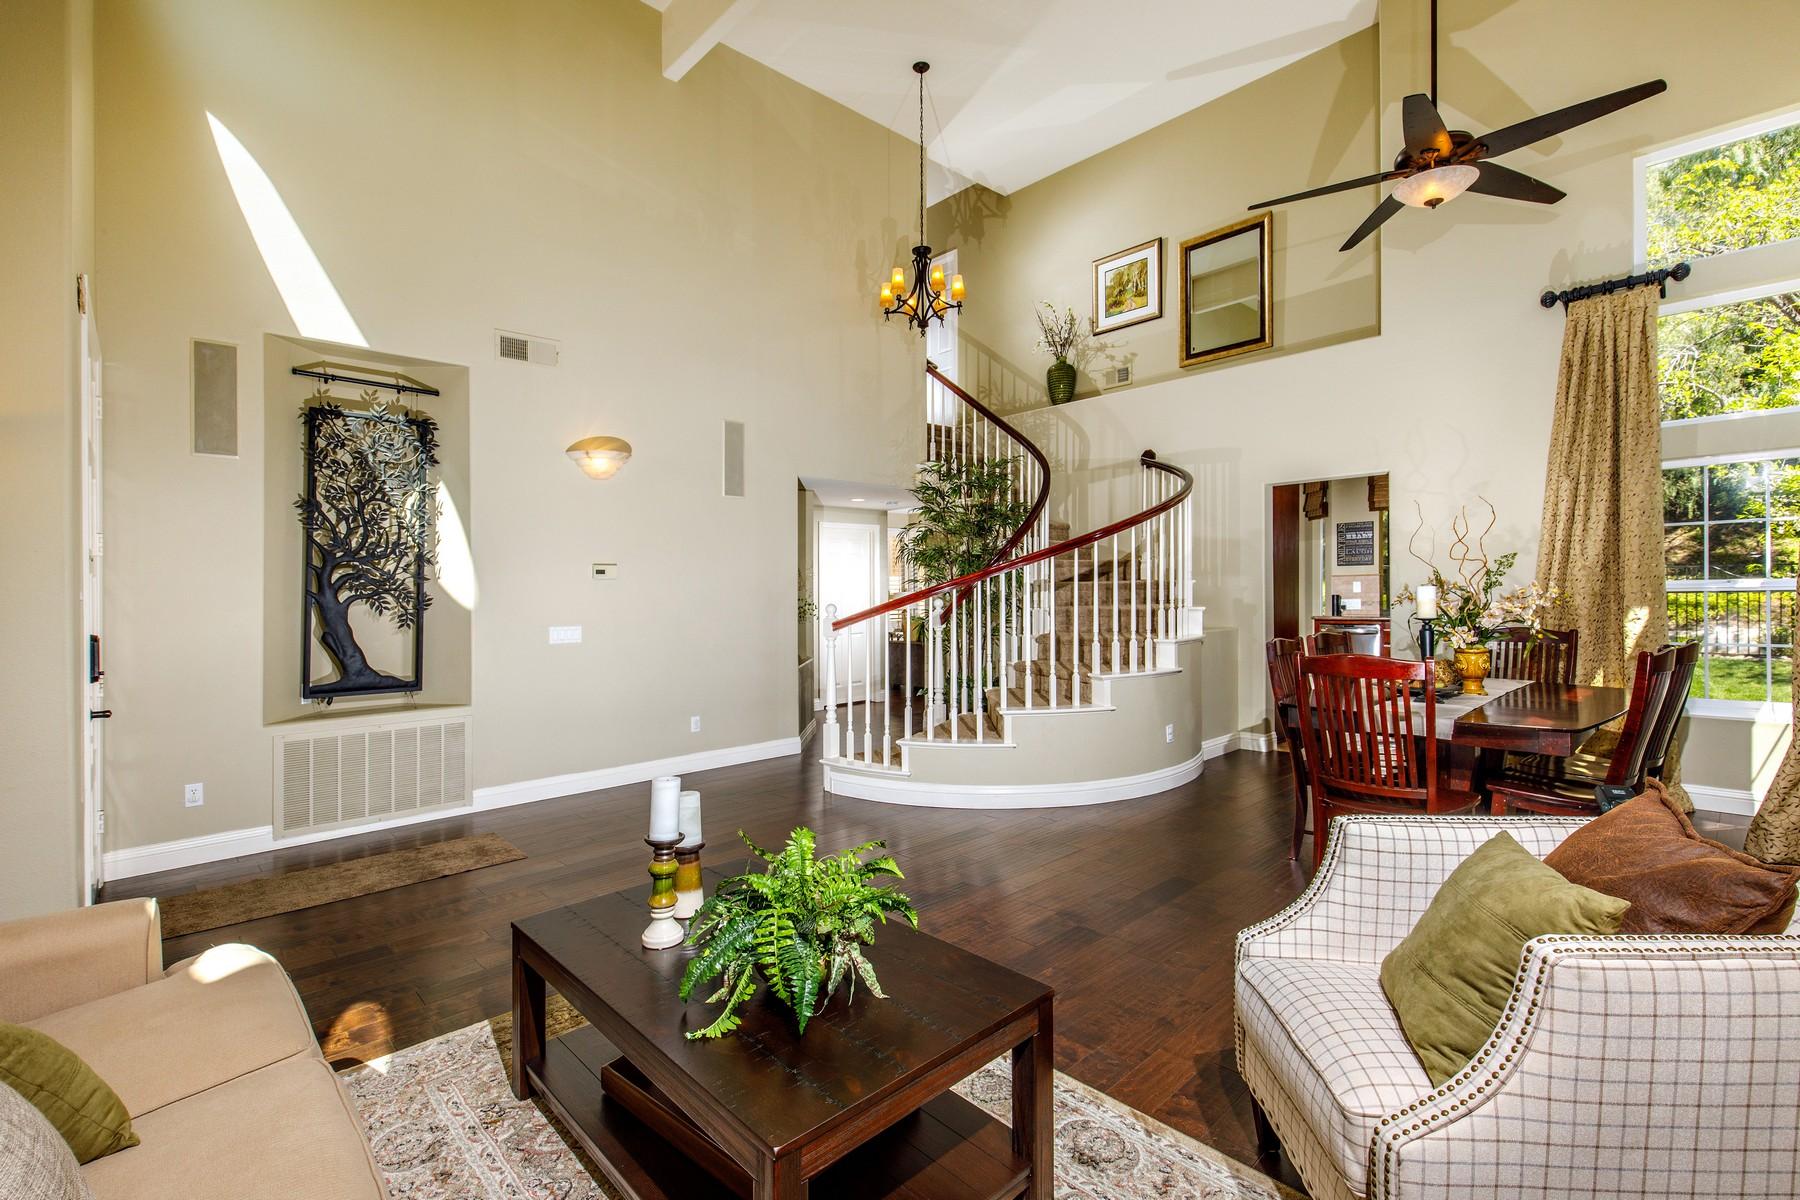 Частный односемейный дом для того Продажа на 11814 Meriden Lane San Diego, Калифорния 92128 Соединенные Штаты